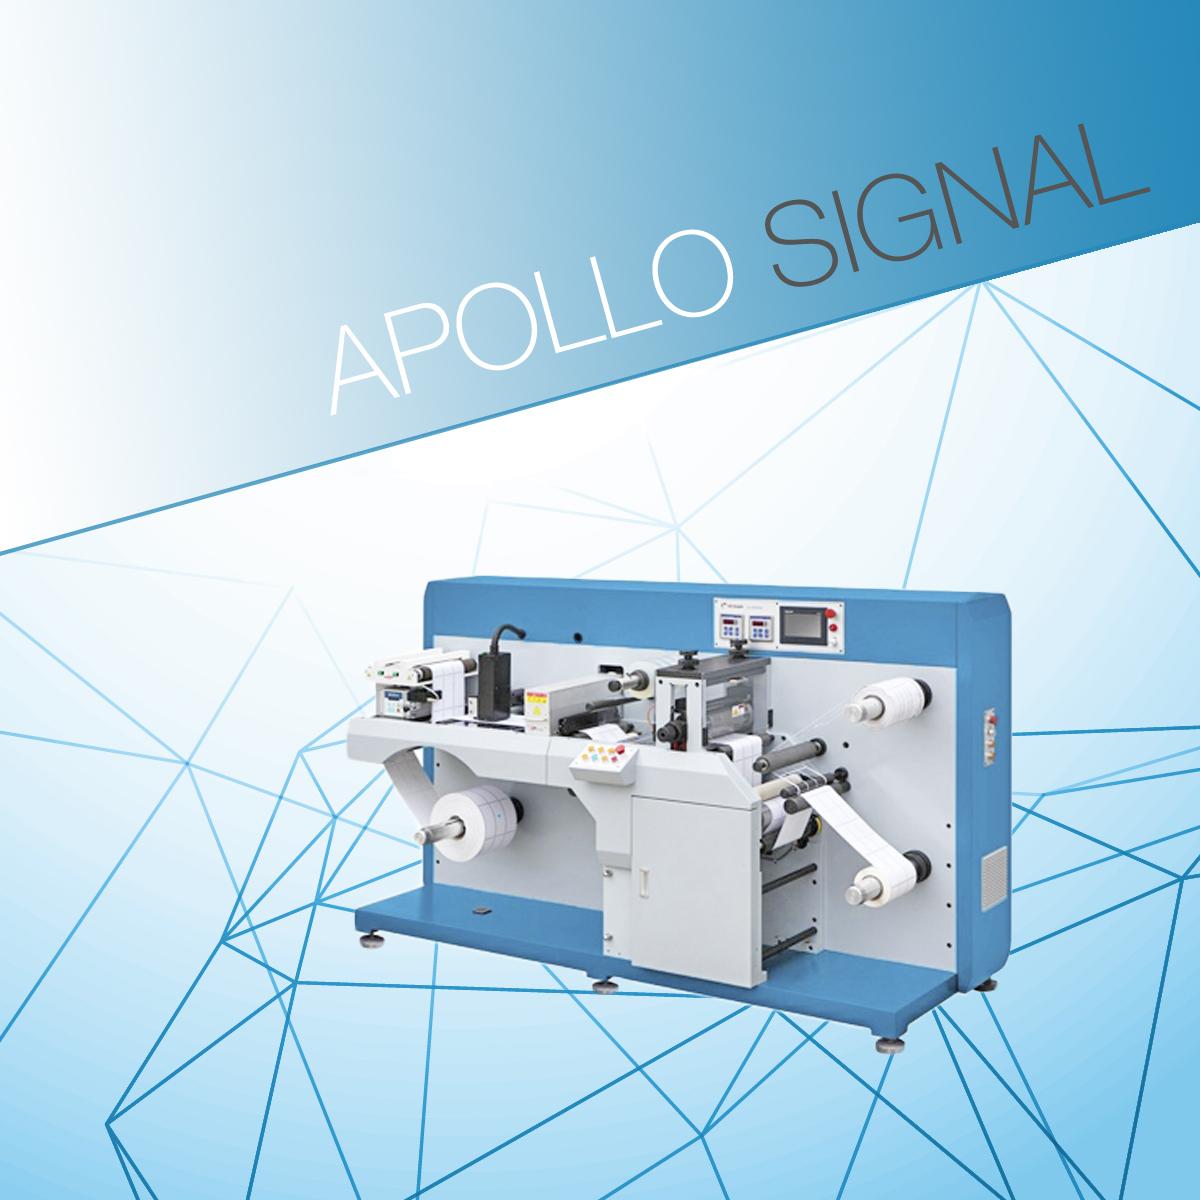 The Apollo Signal.jpg